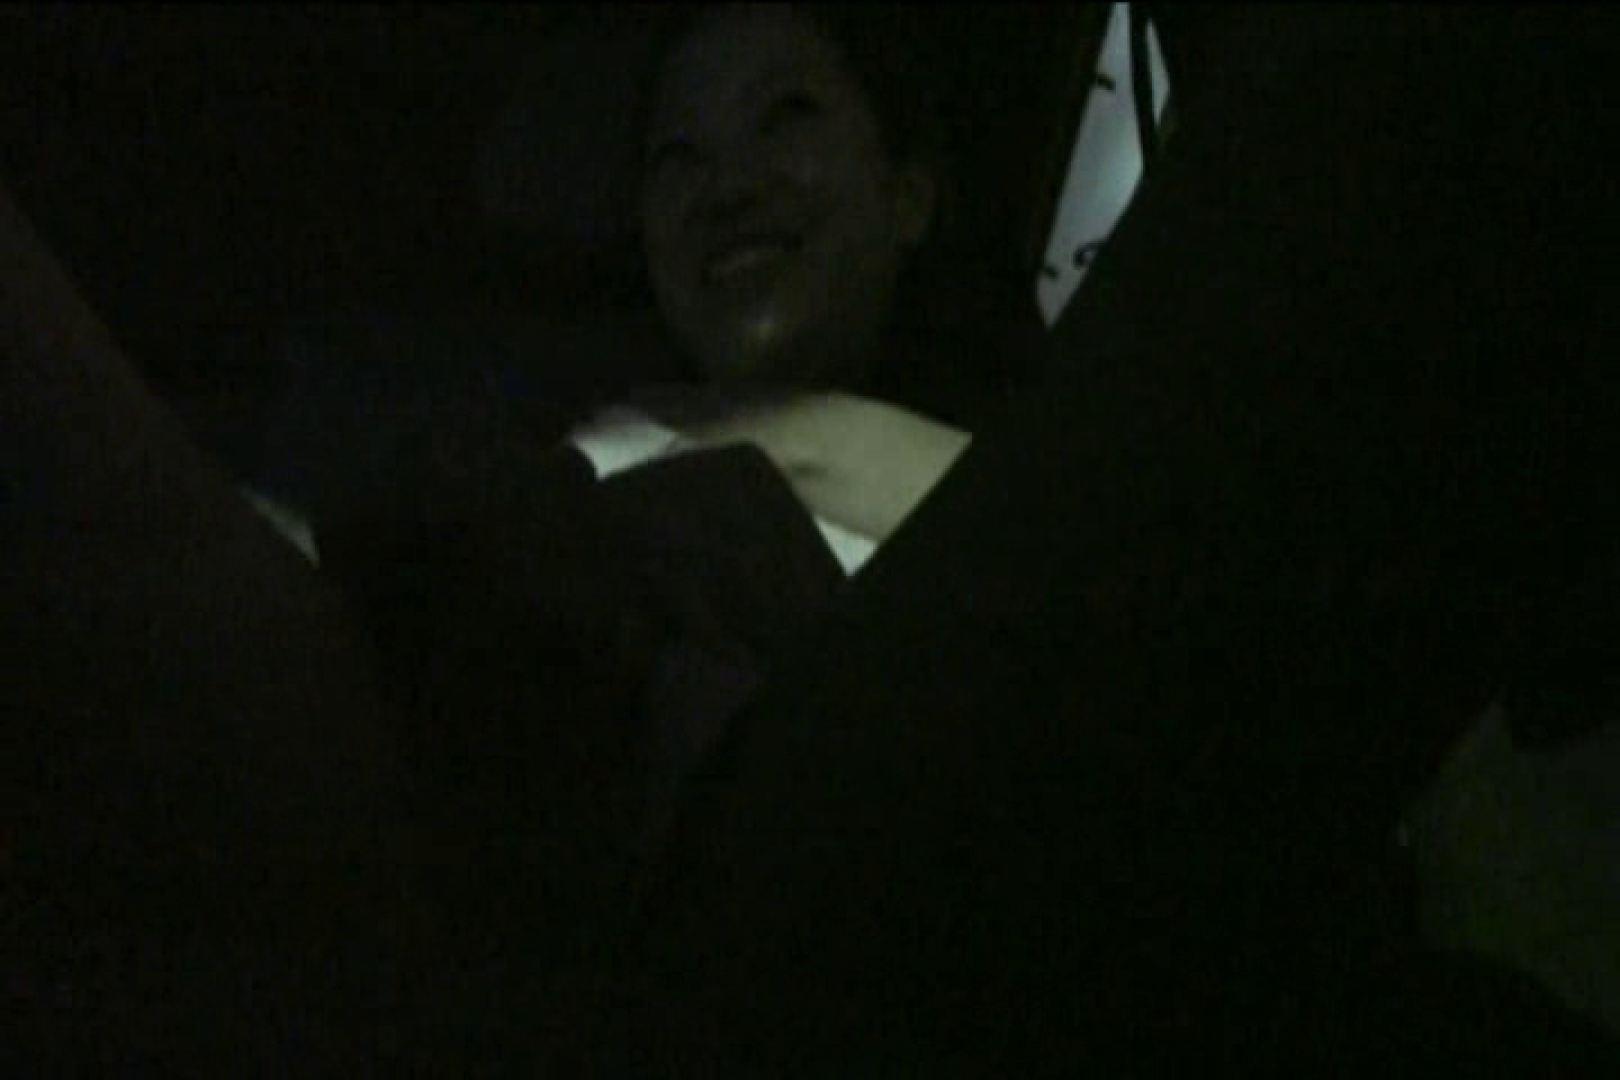 車内で初めまして! vol01 OLのエロ生活  105連発 7